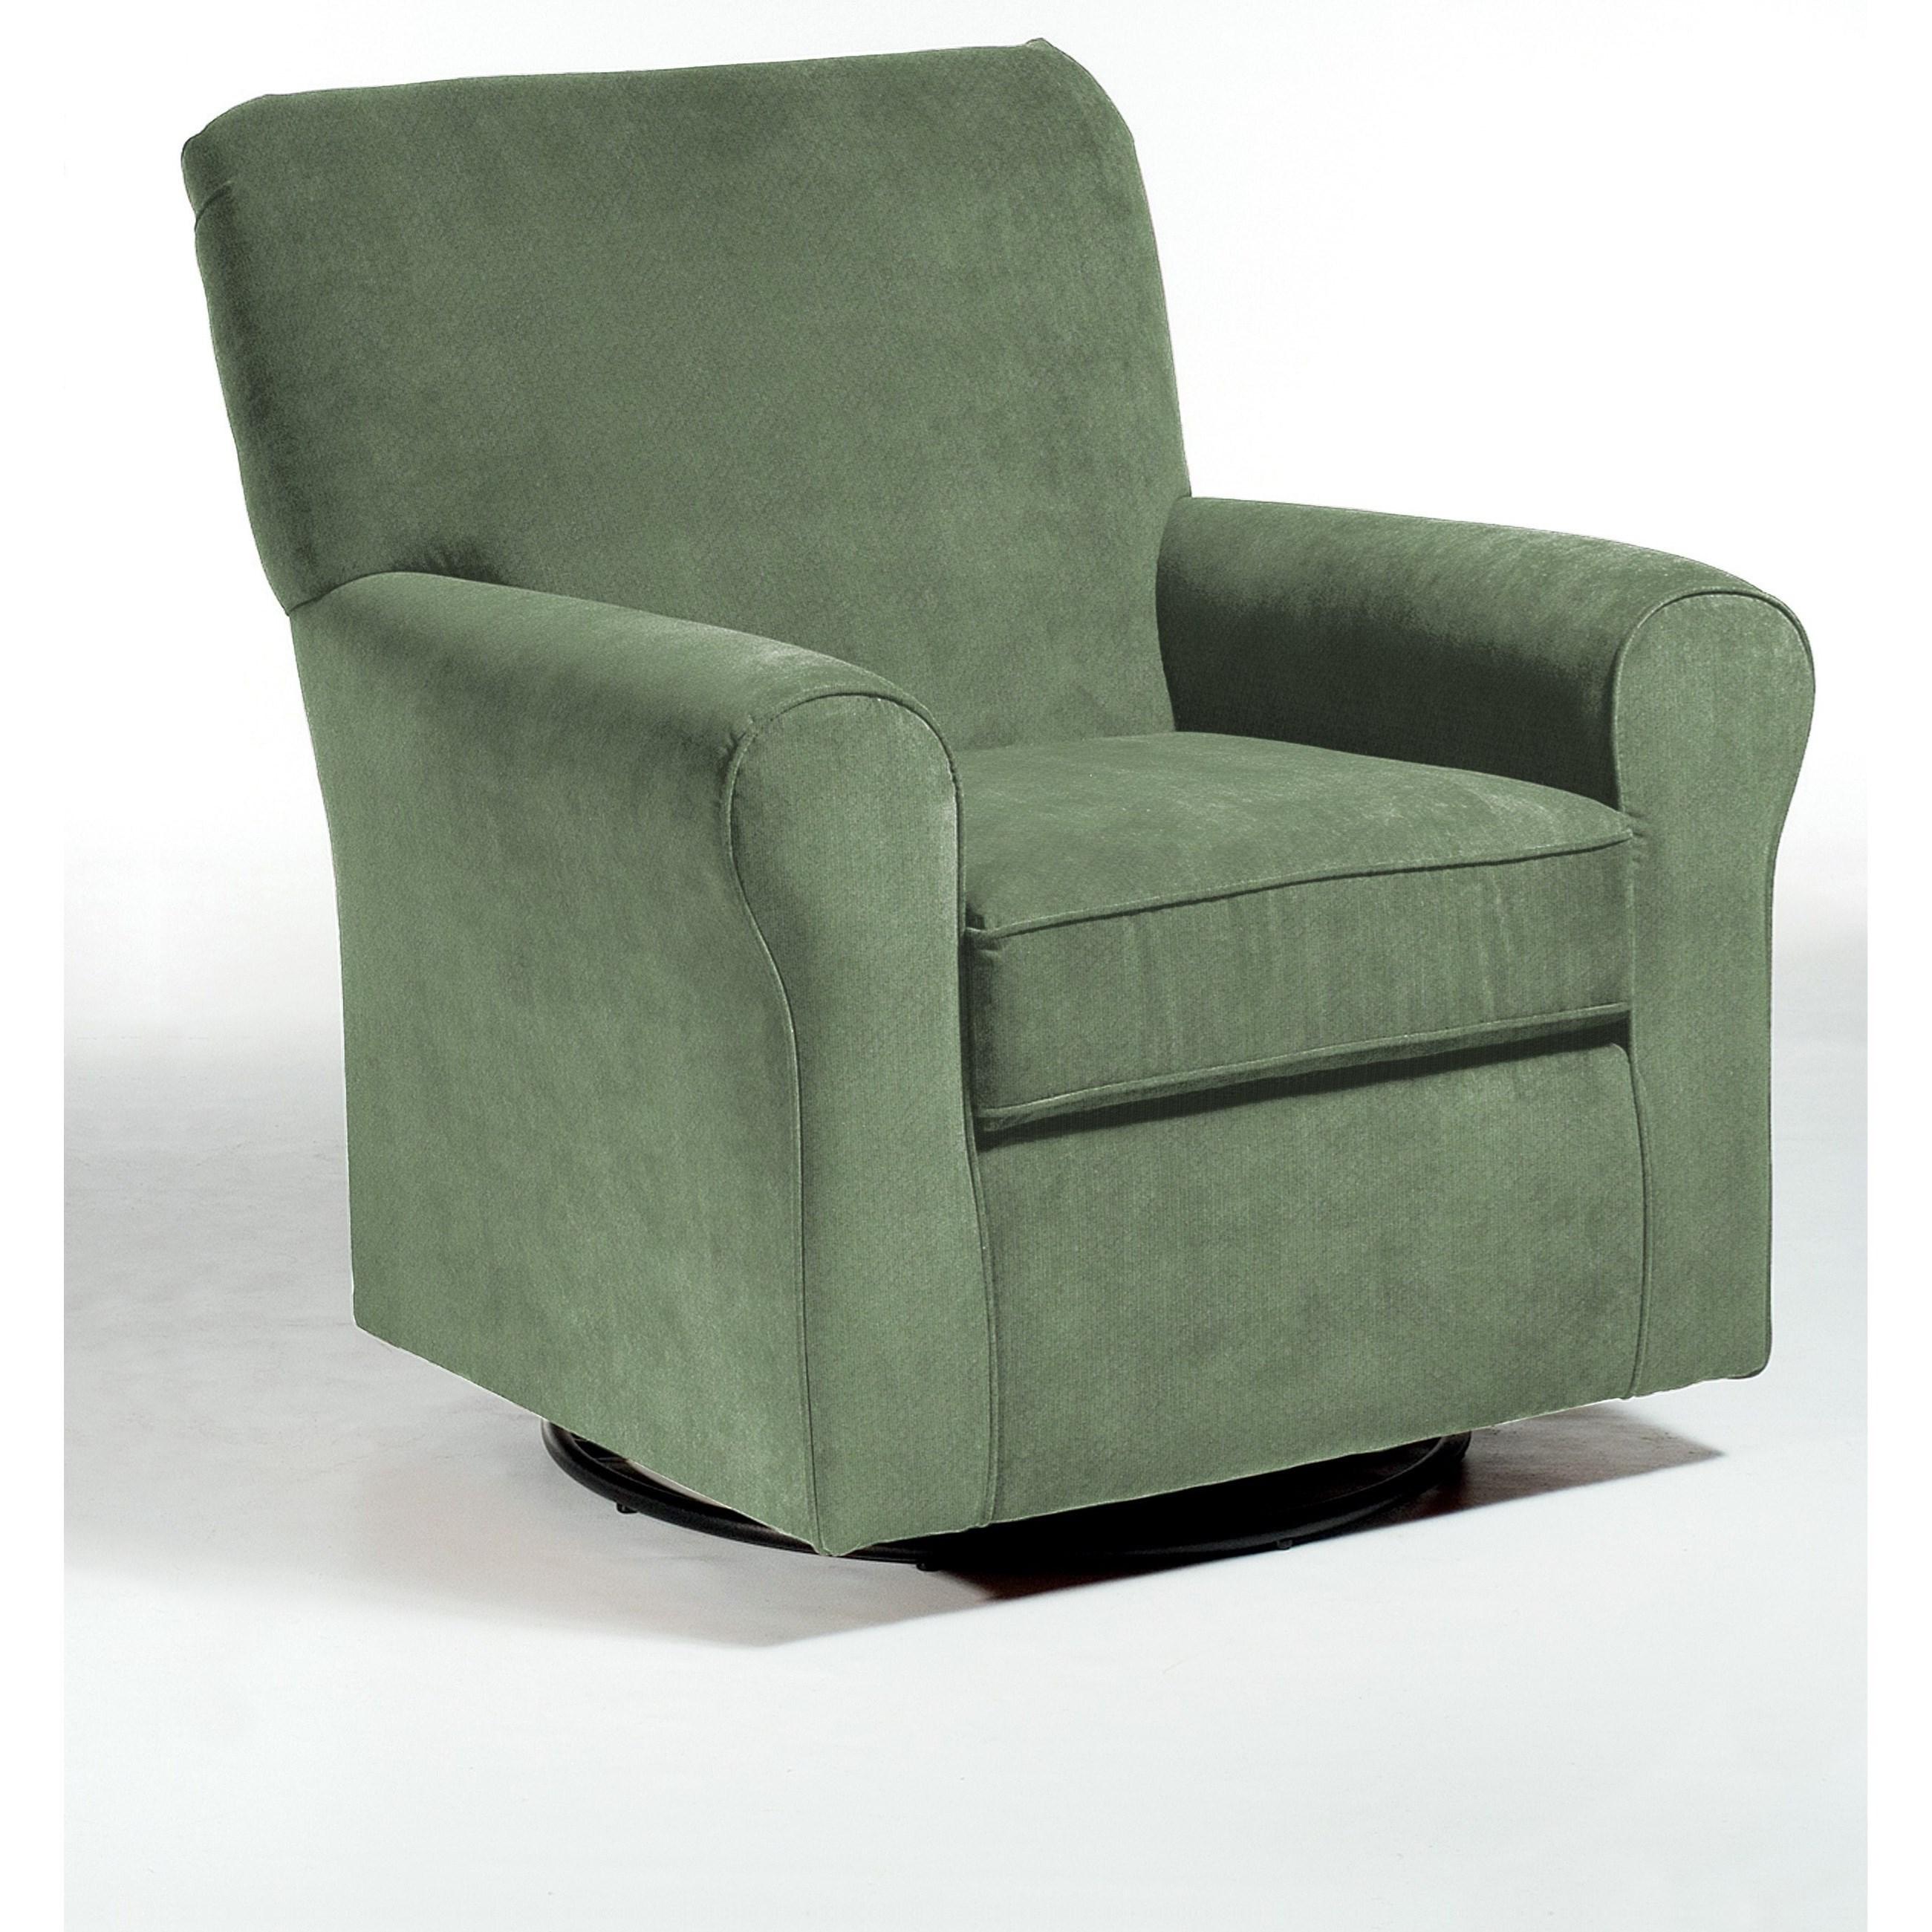 Best Home Furnishings Chairs - Swivel Glide Hagen Swivel Glide - Item Number: 4177-20021